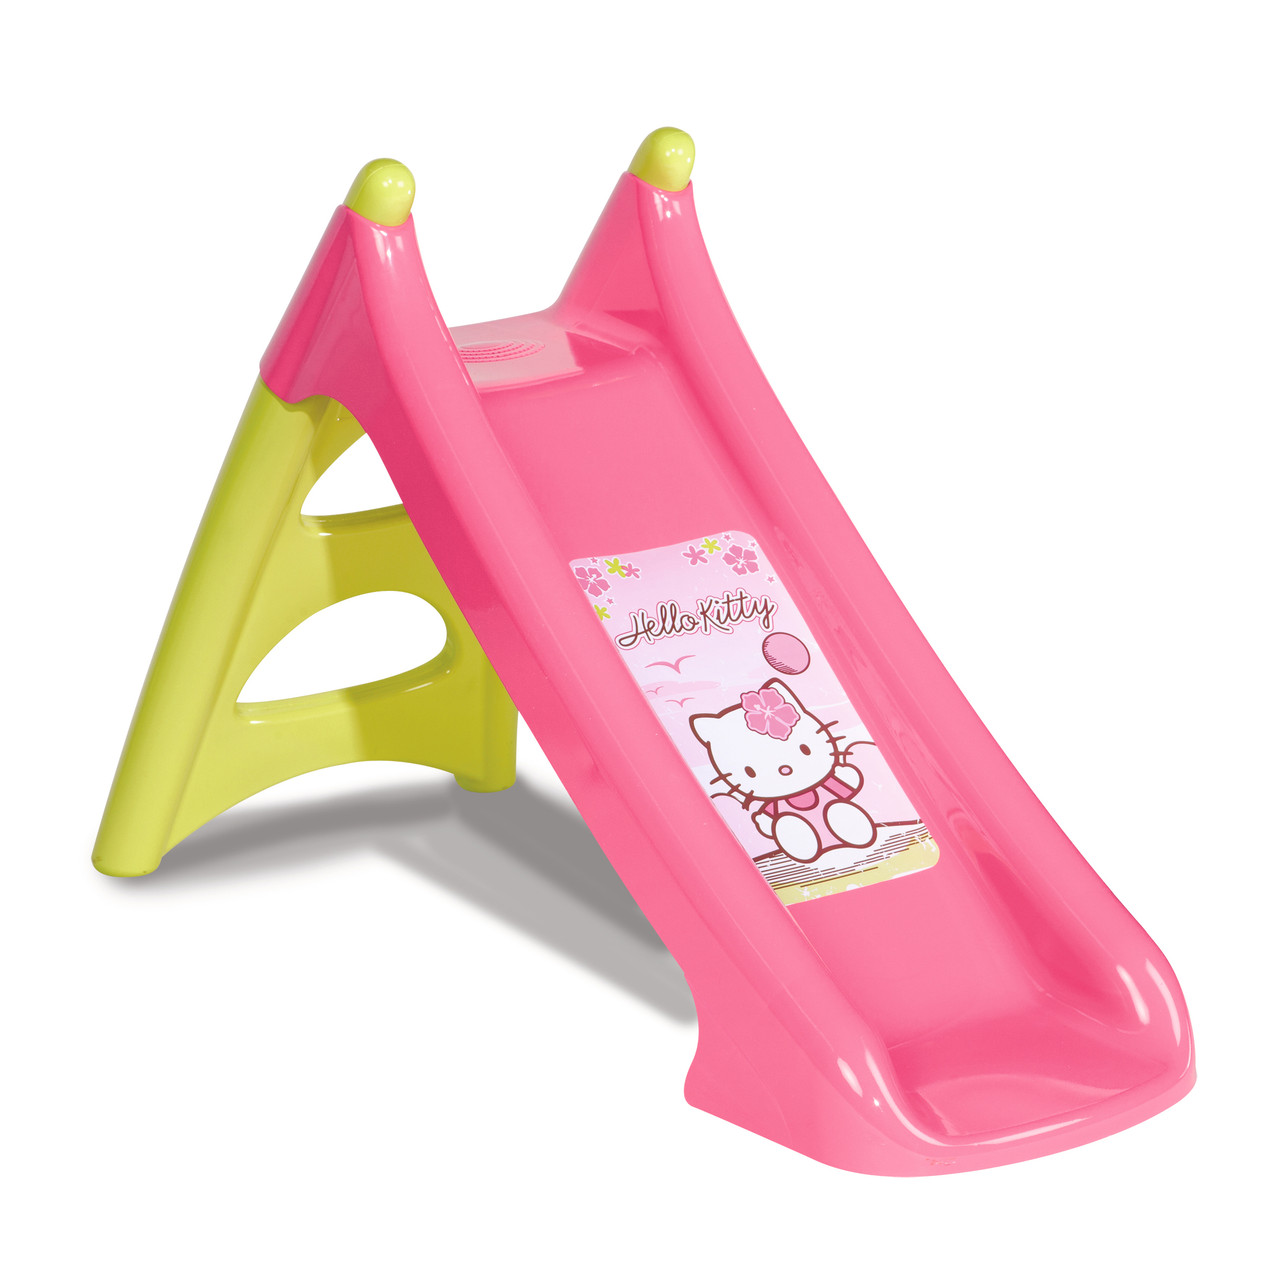 """Игровые площадки «Smoby» (310255) горка садовая """"Hello Kitty"""" с водным эффектом, длина спуска 90 см"""